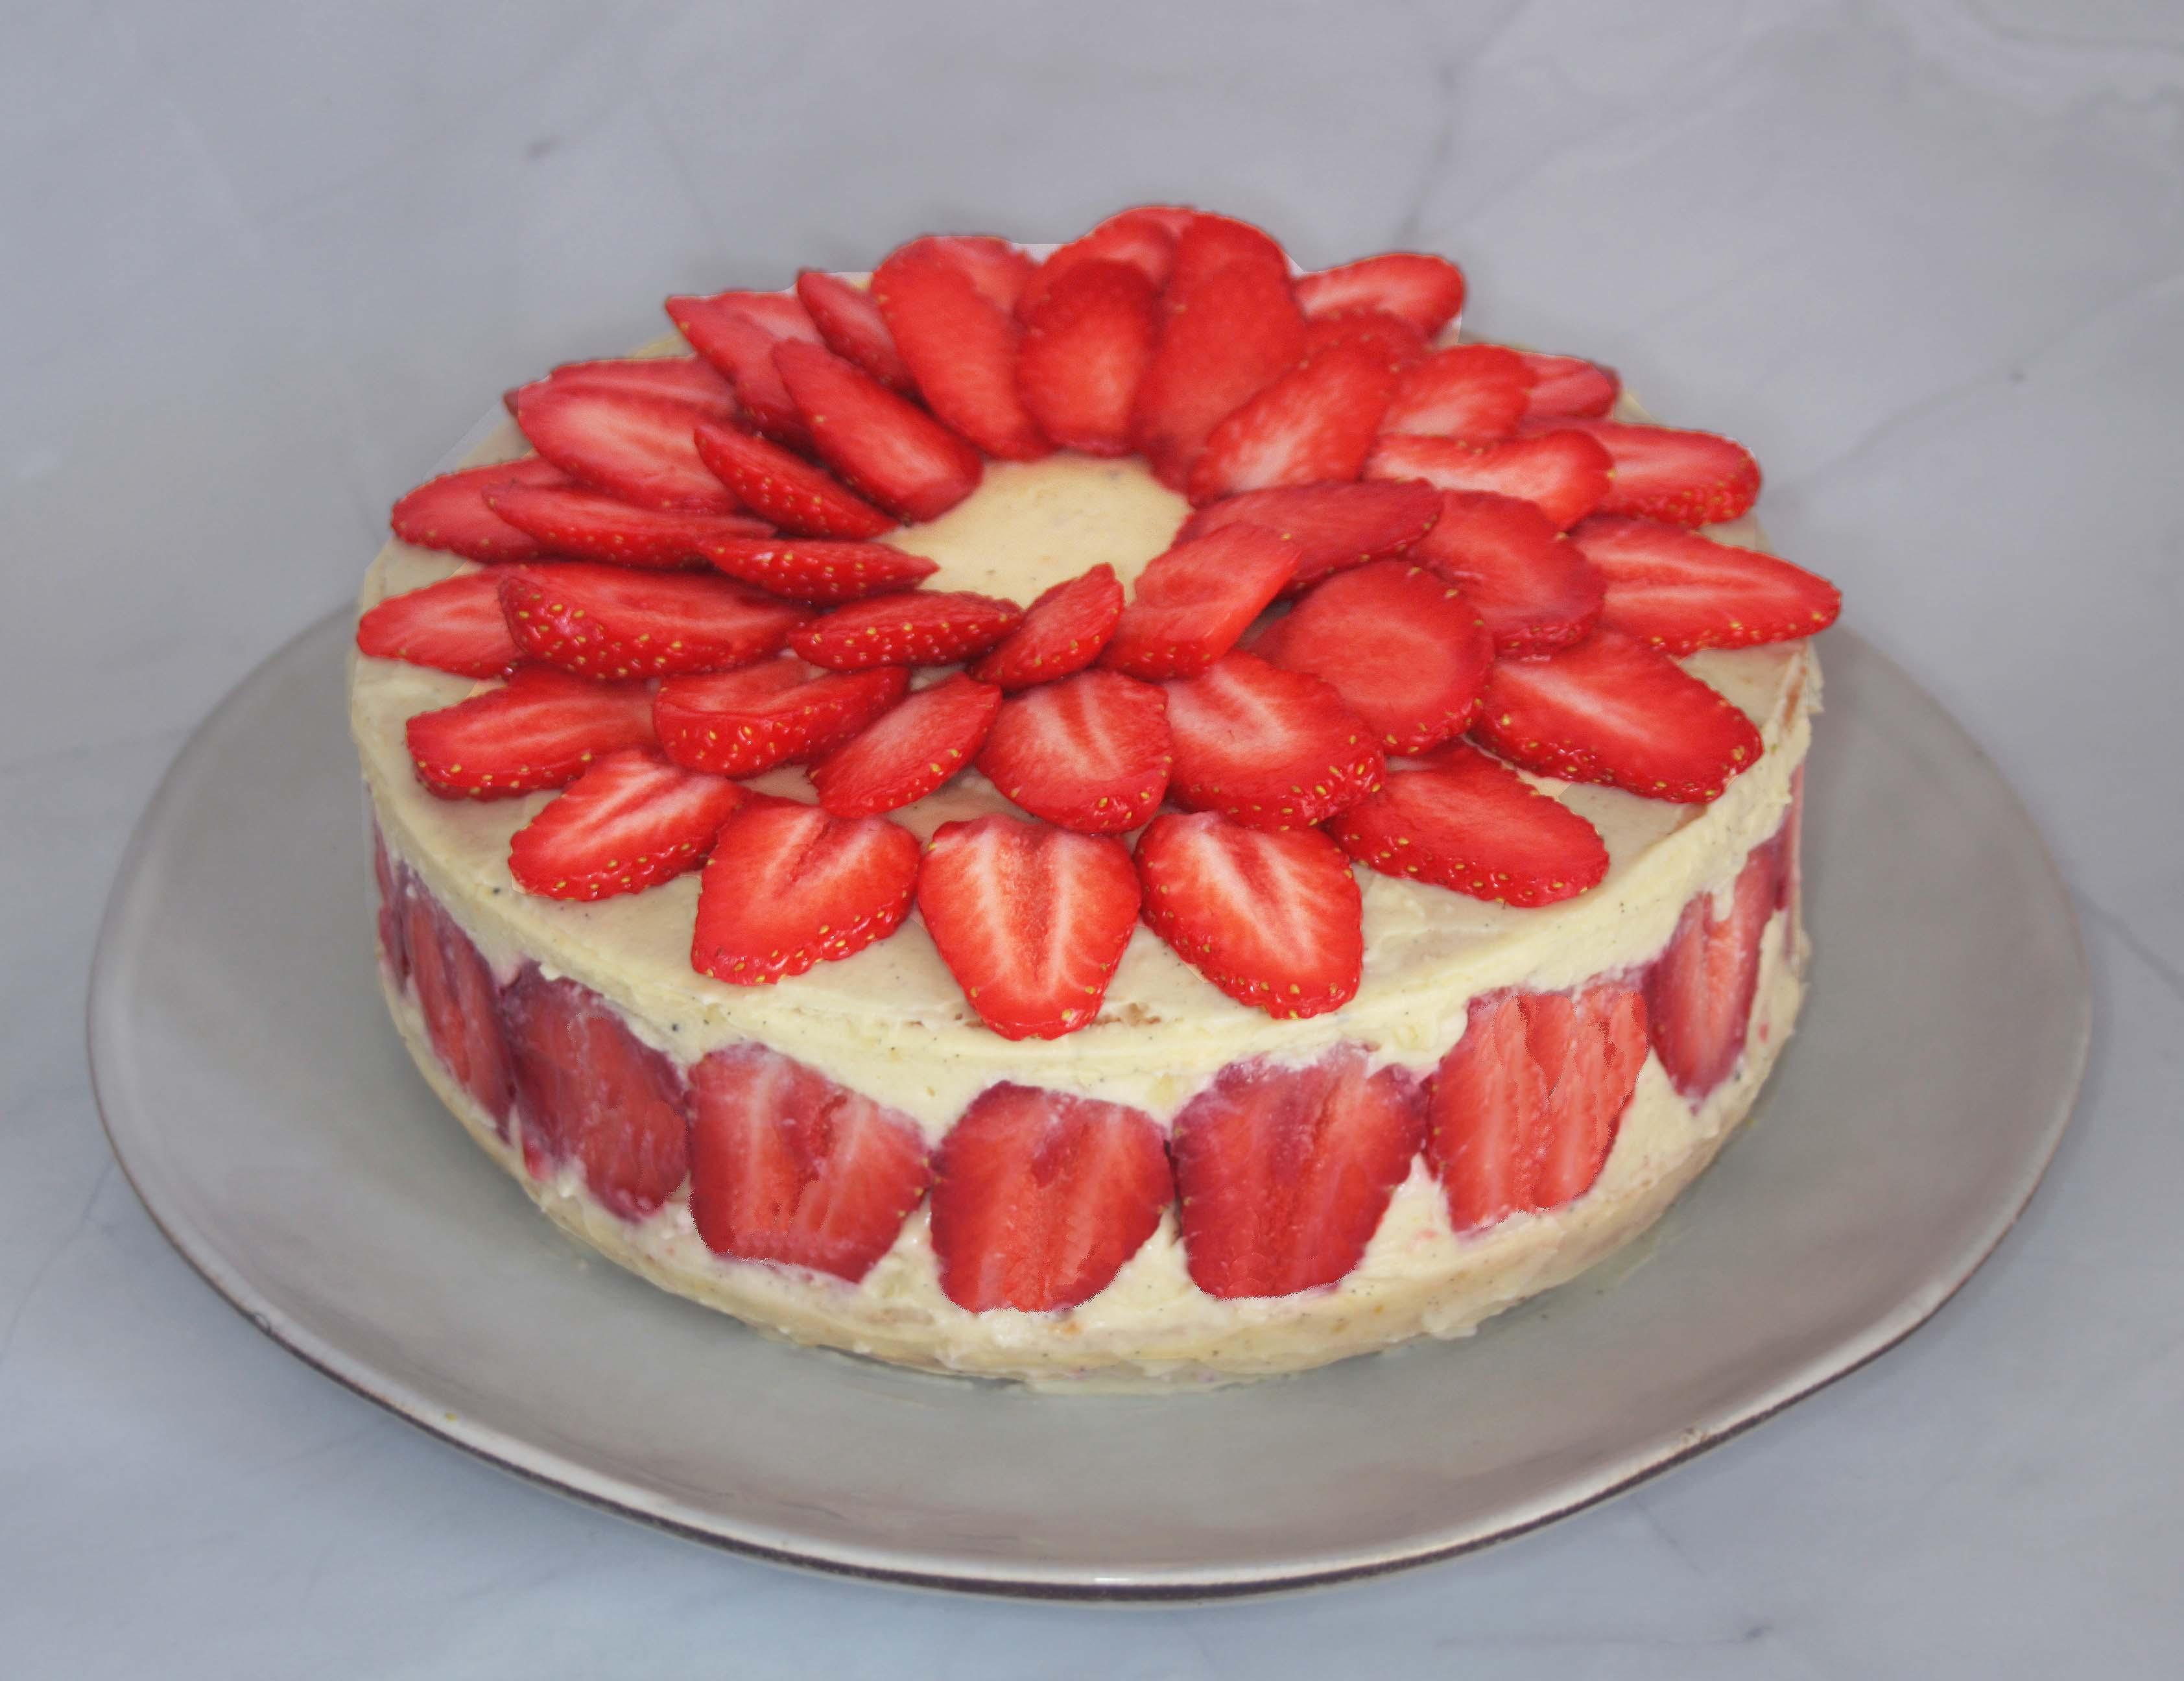 Le fraisier classique avec crème diplomate